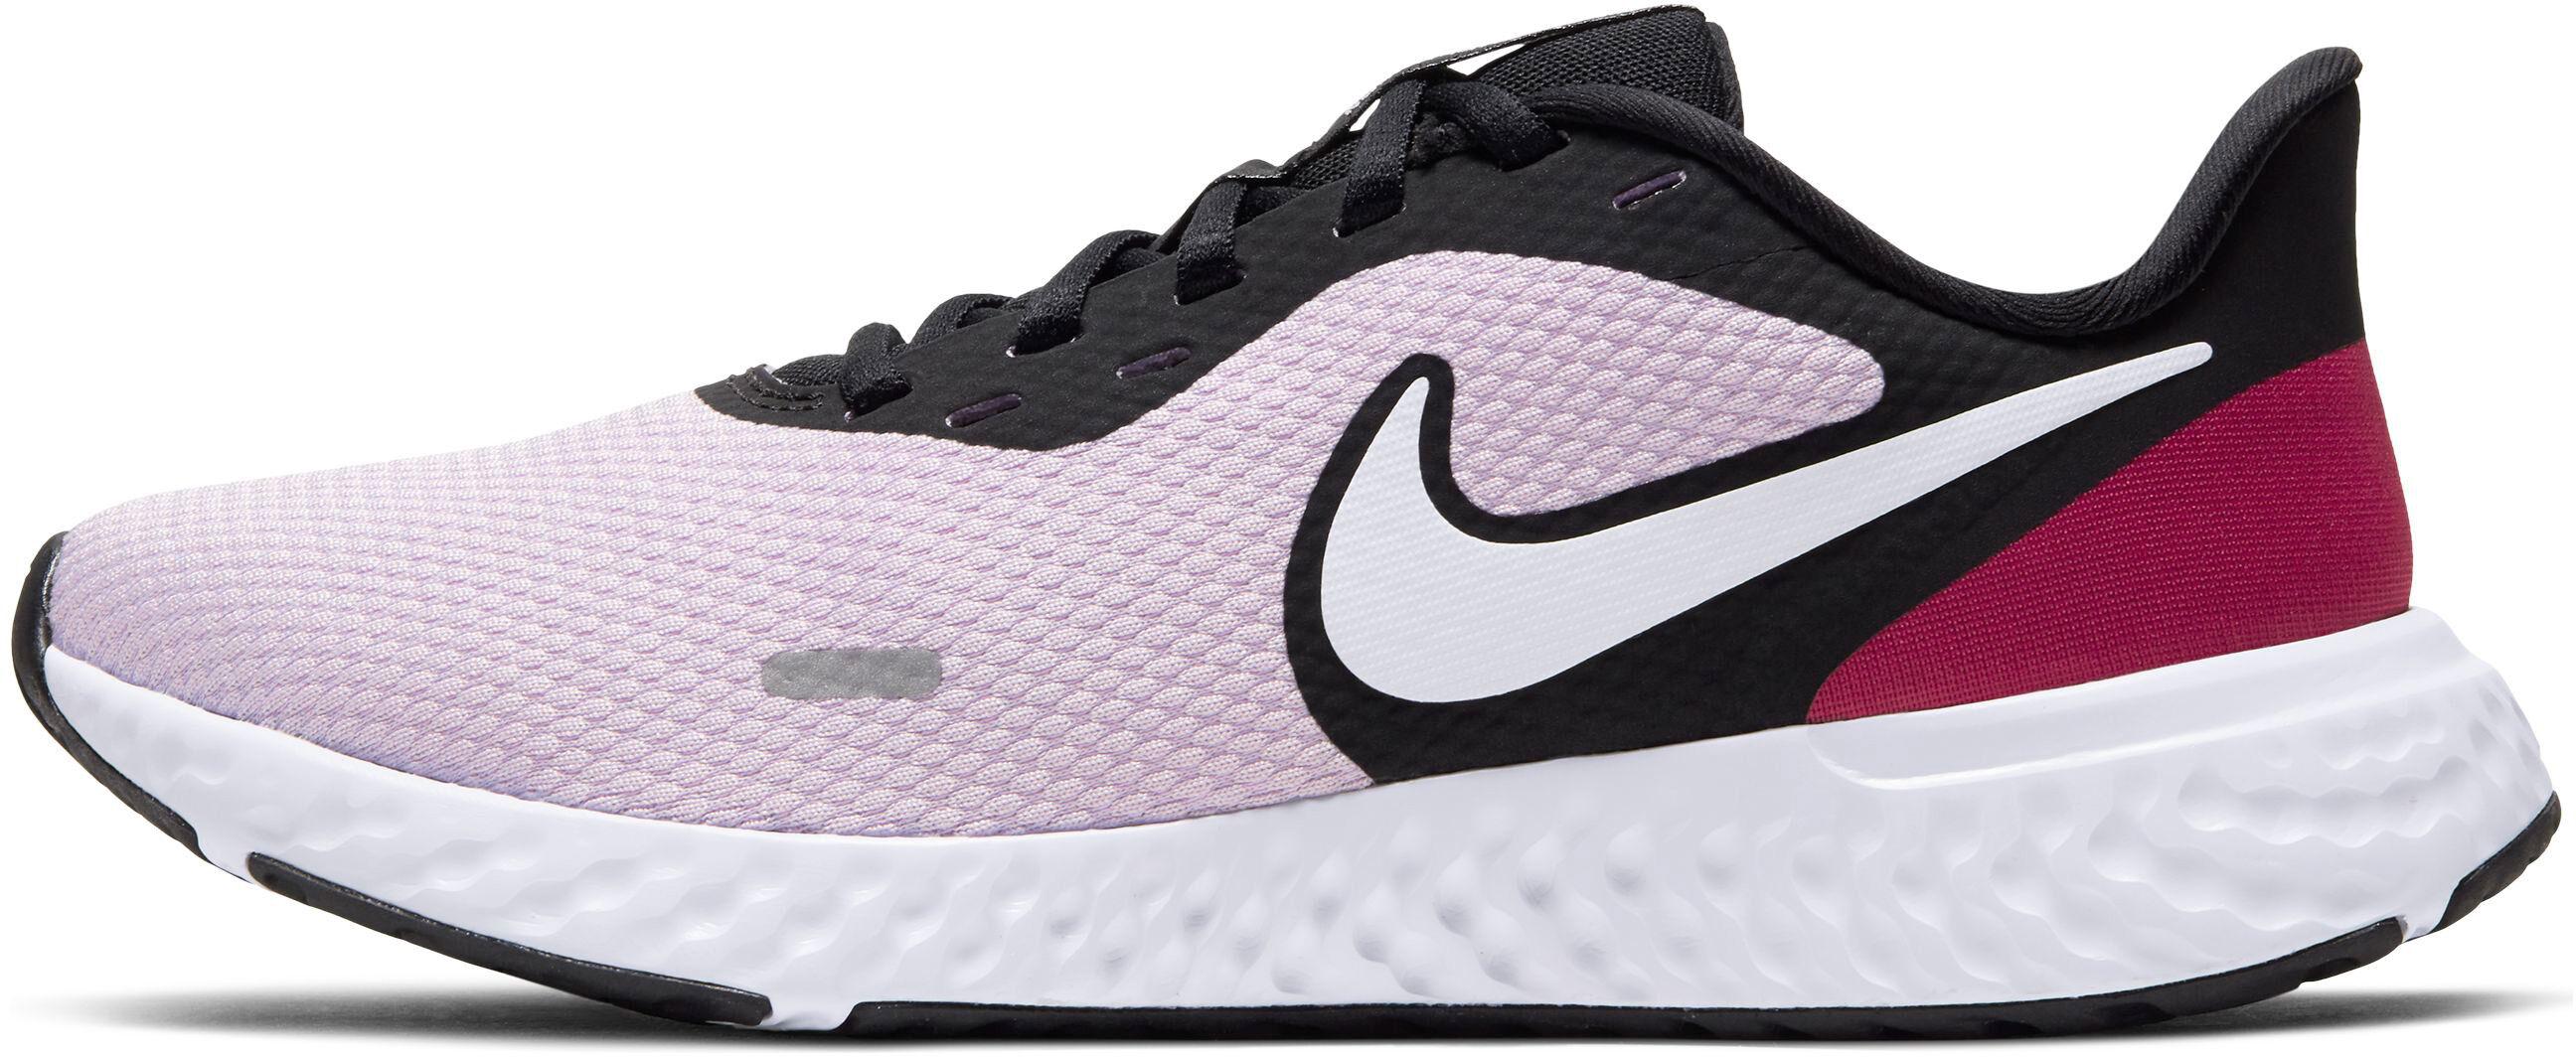 Női NIKE REVOLUTION 5 futócipő rózsaszín színben | Nike